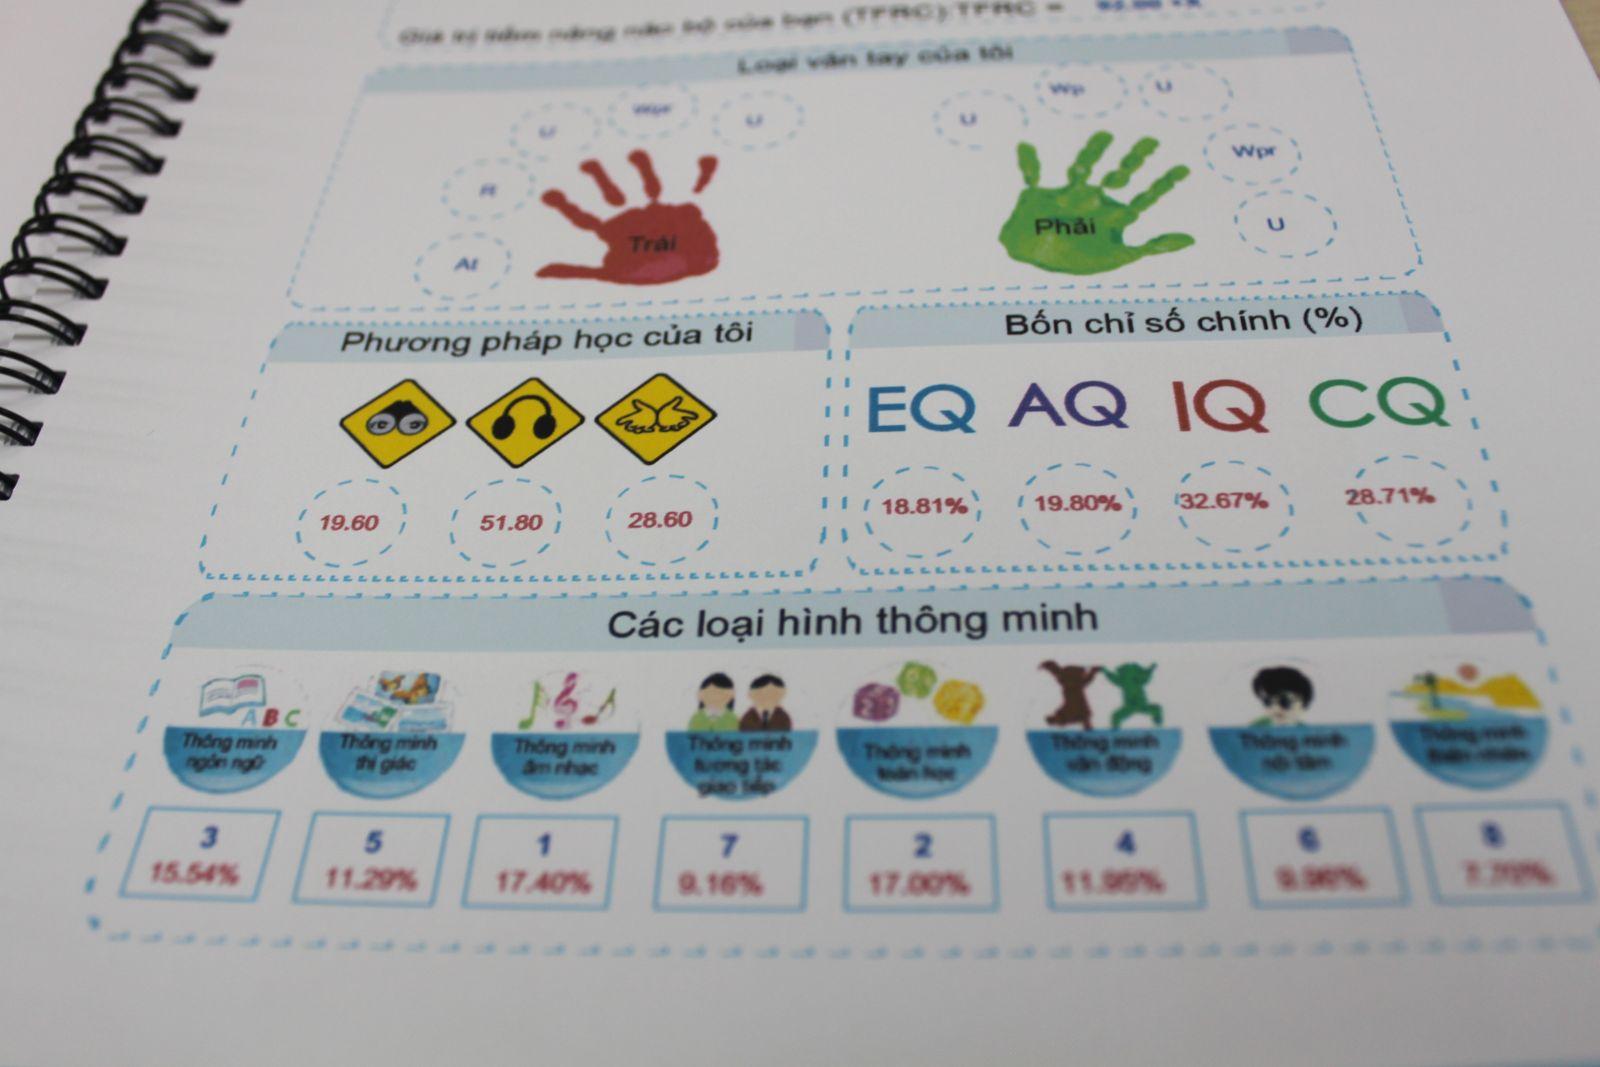 báo cáo sinh trắc học dấu vân tay cho người lớn